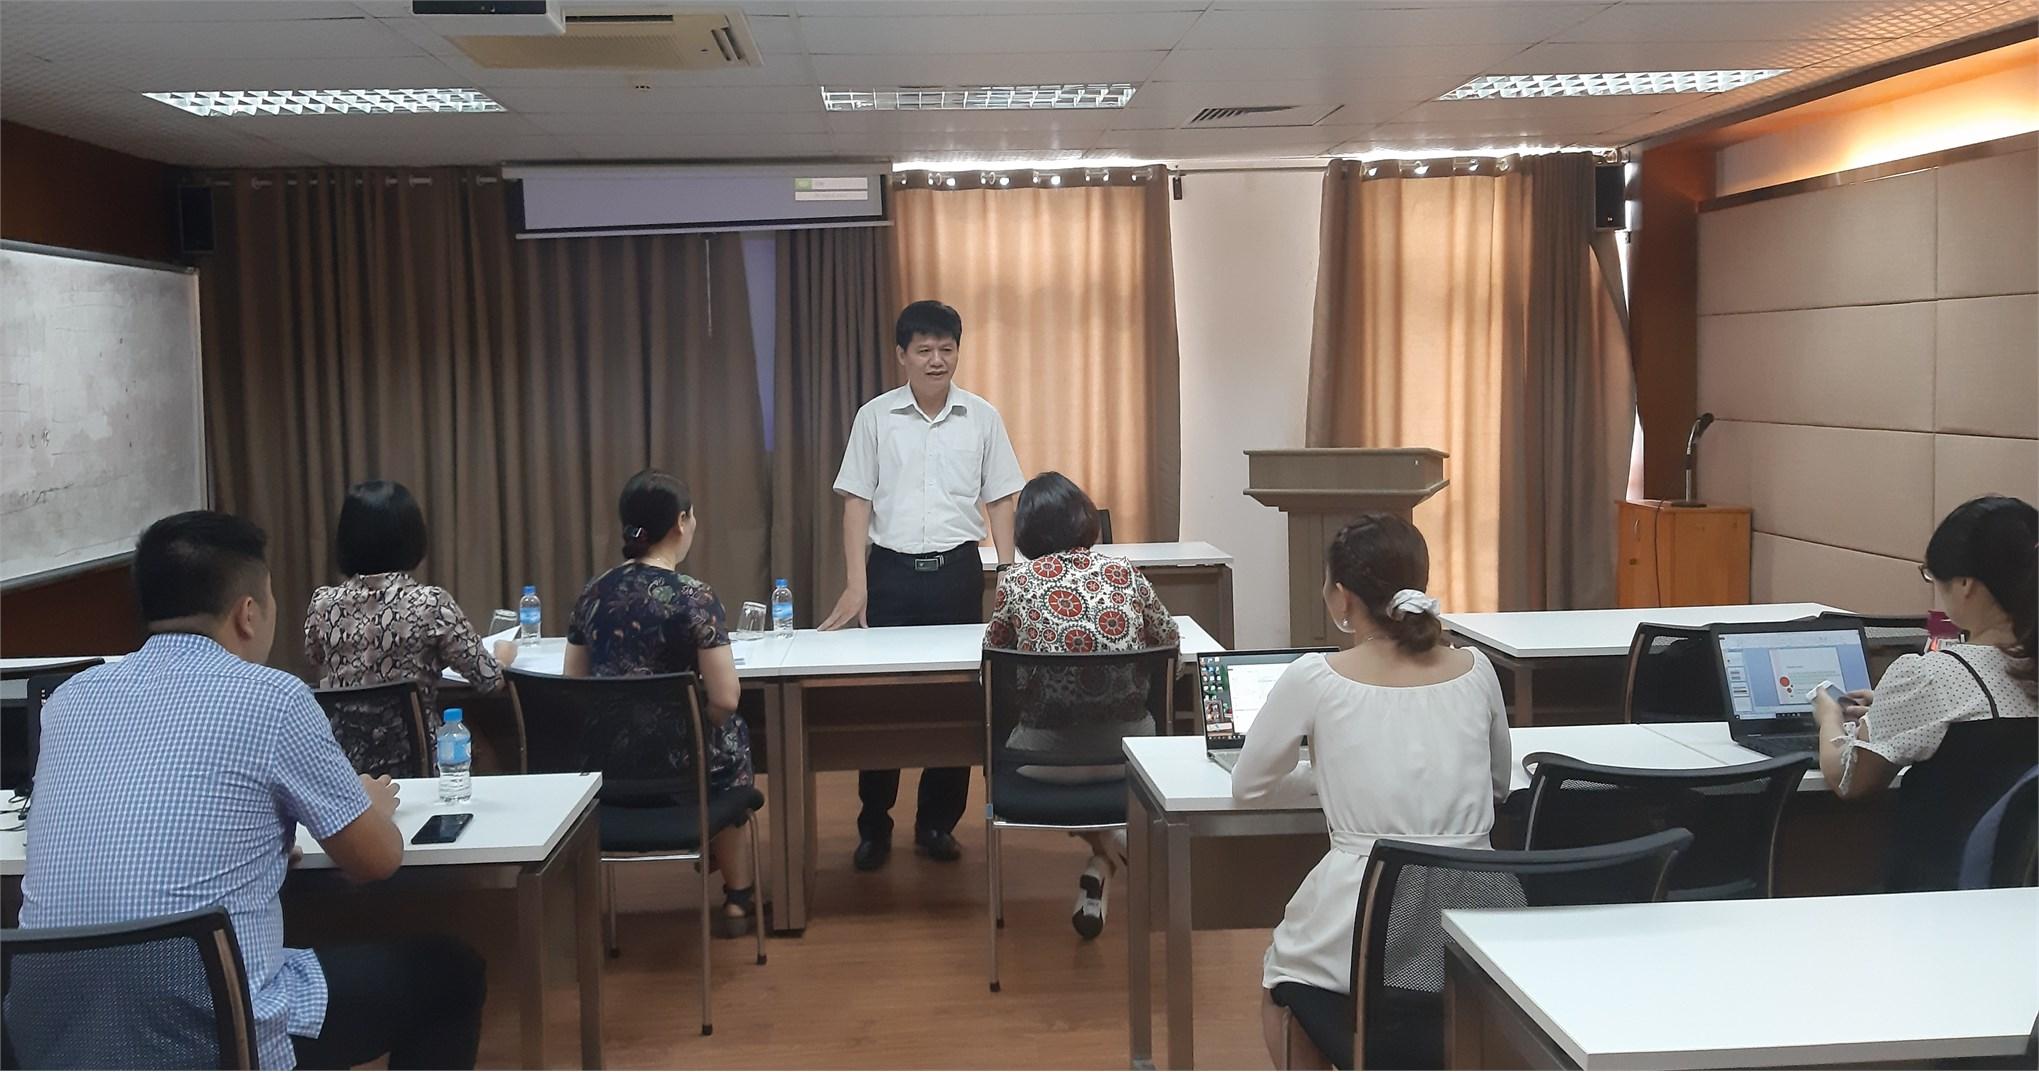 Tổ chức thẩm định đánh giá đề cương luận văn thạc sĩ – ngành Ngôn ngữ Anh - Cao học Khóa 9 (2019-2021)